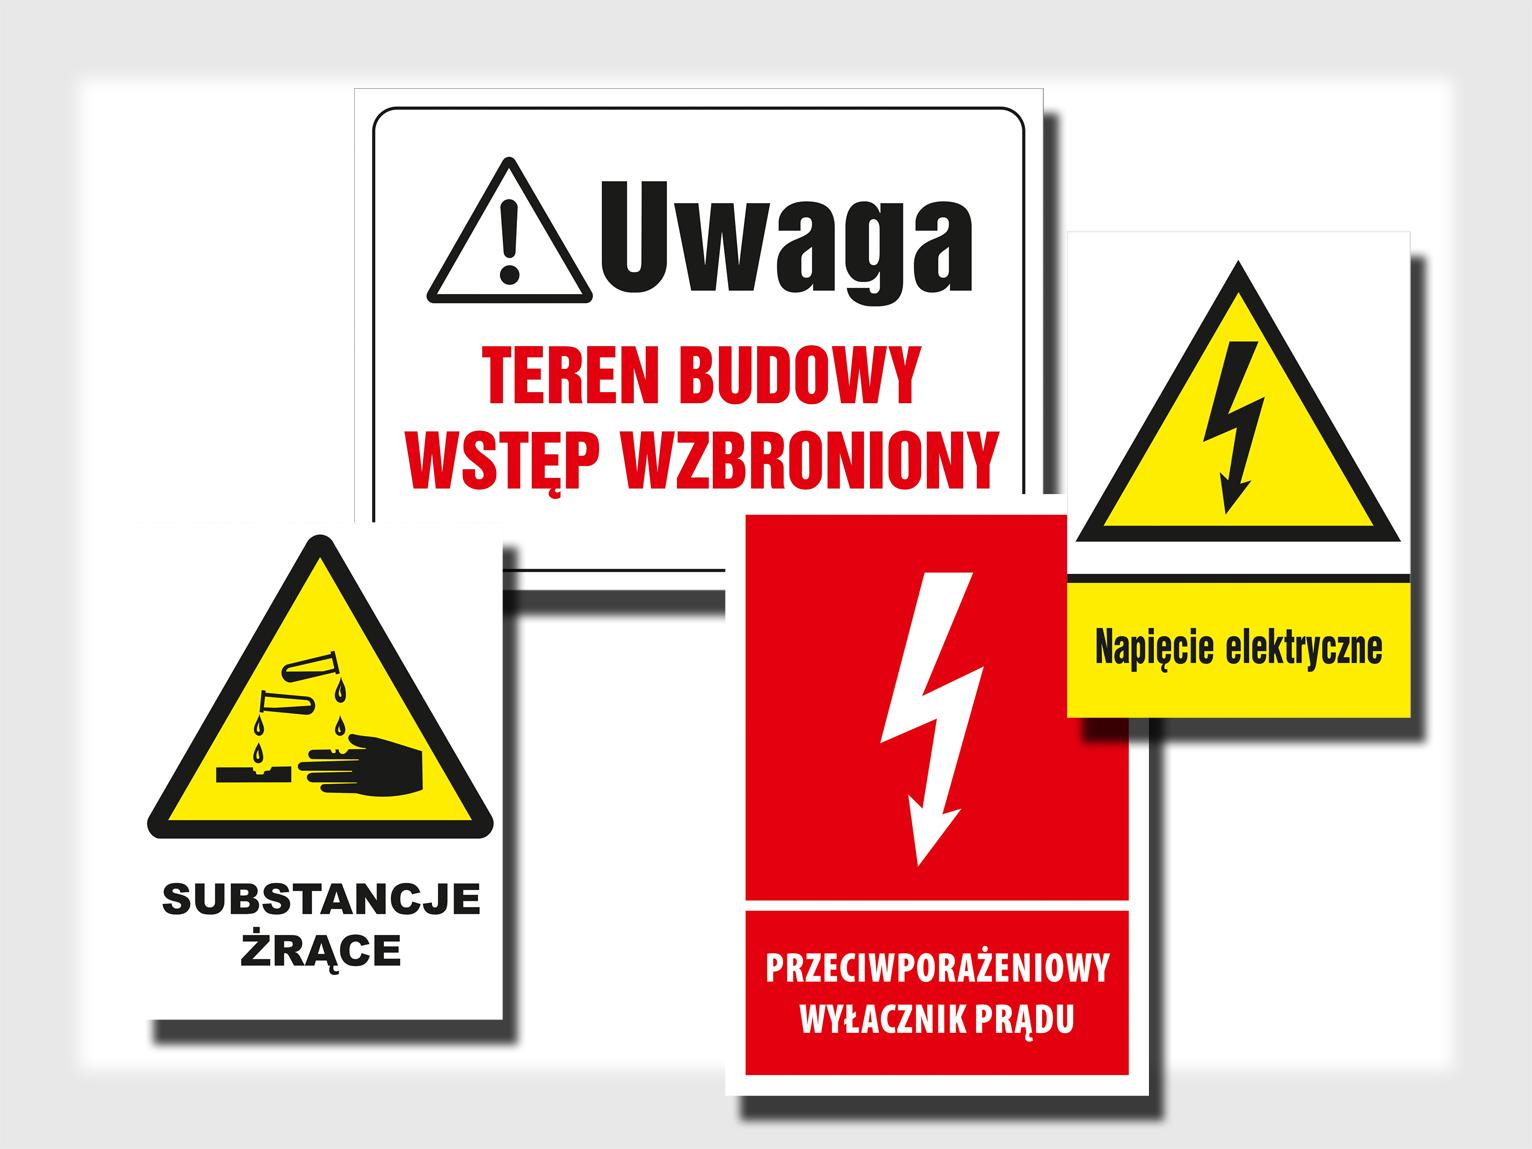 Znaki ostrzegawcze i informacyjne